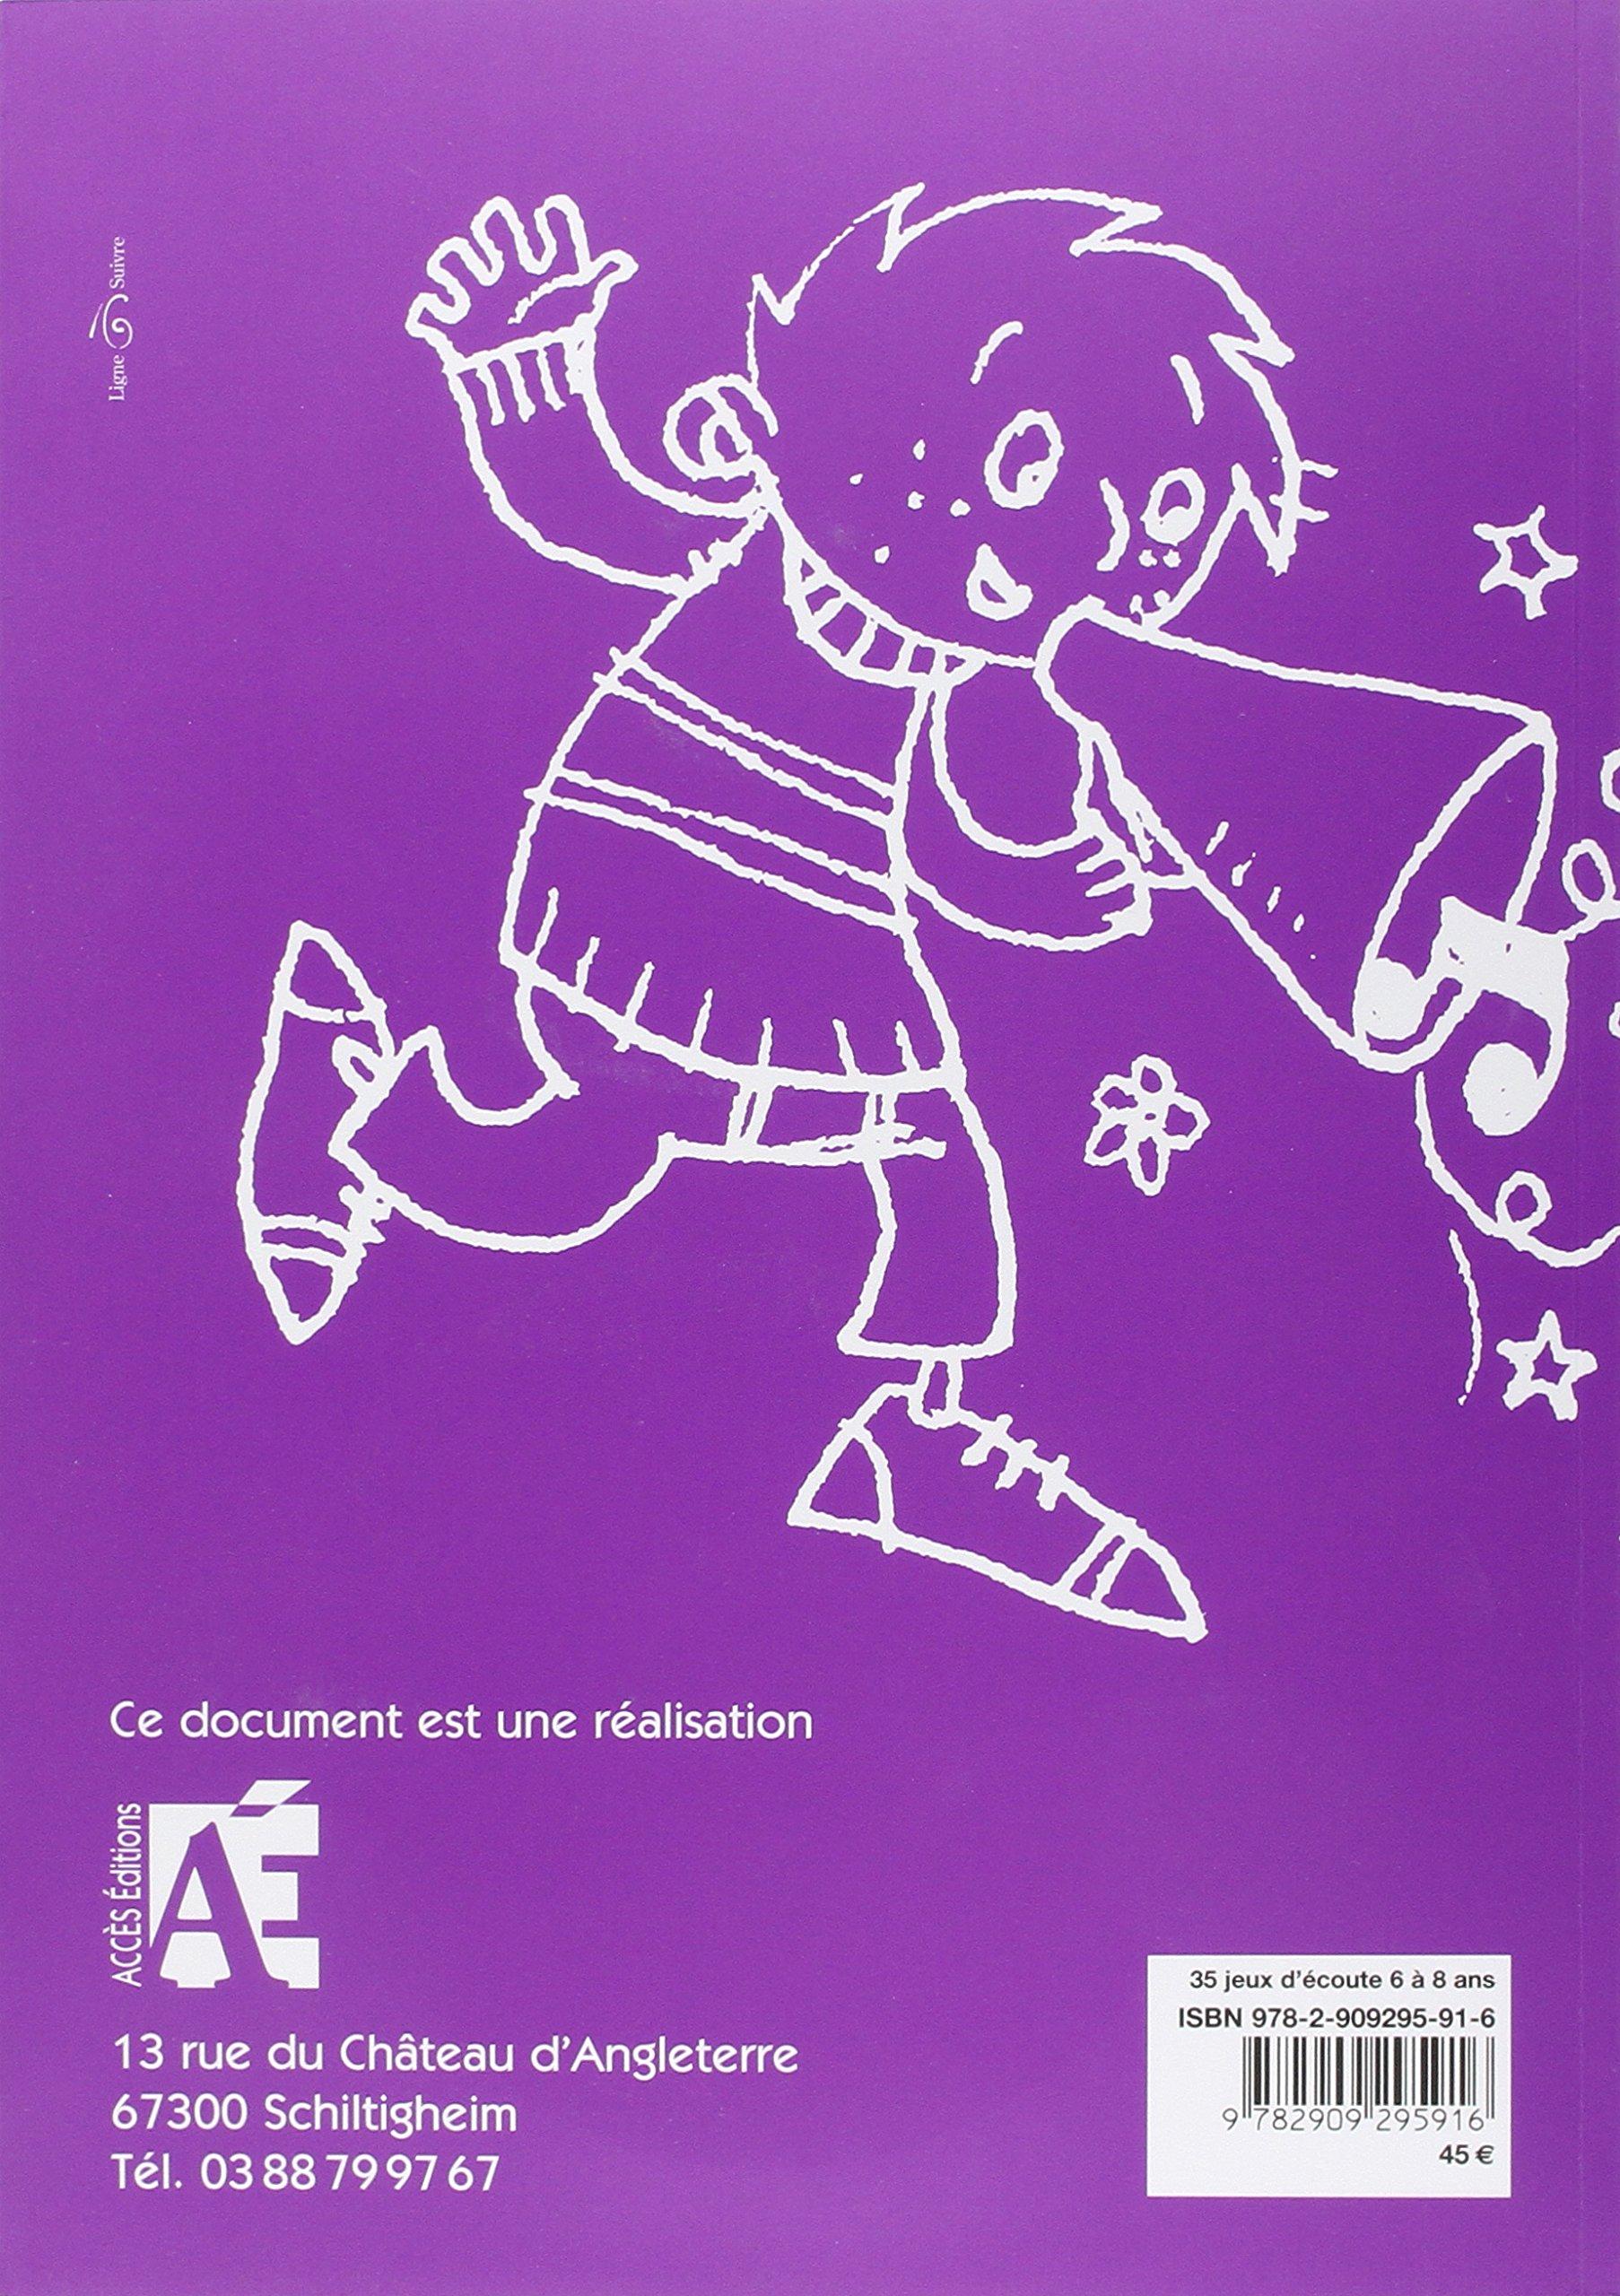 35 jeux d'écoute 6 à 8 ans (+2CD audio): Amazon.fr: Claire Marot,  Marie-Christine Van Hee, Françoise Vroman: Livres